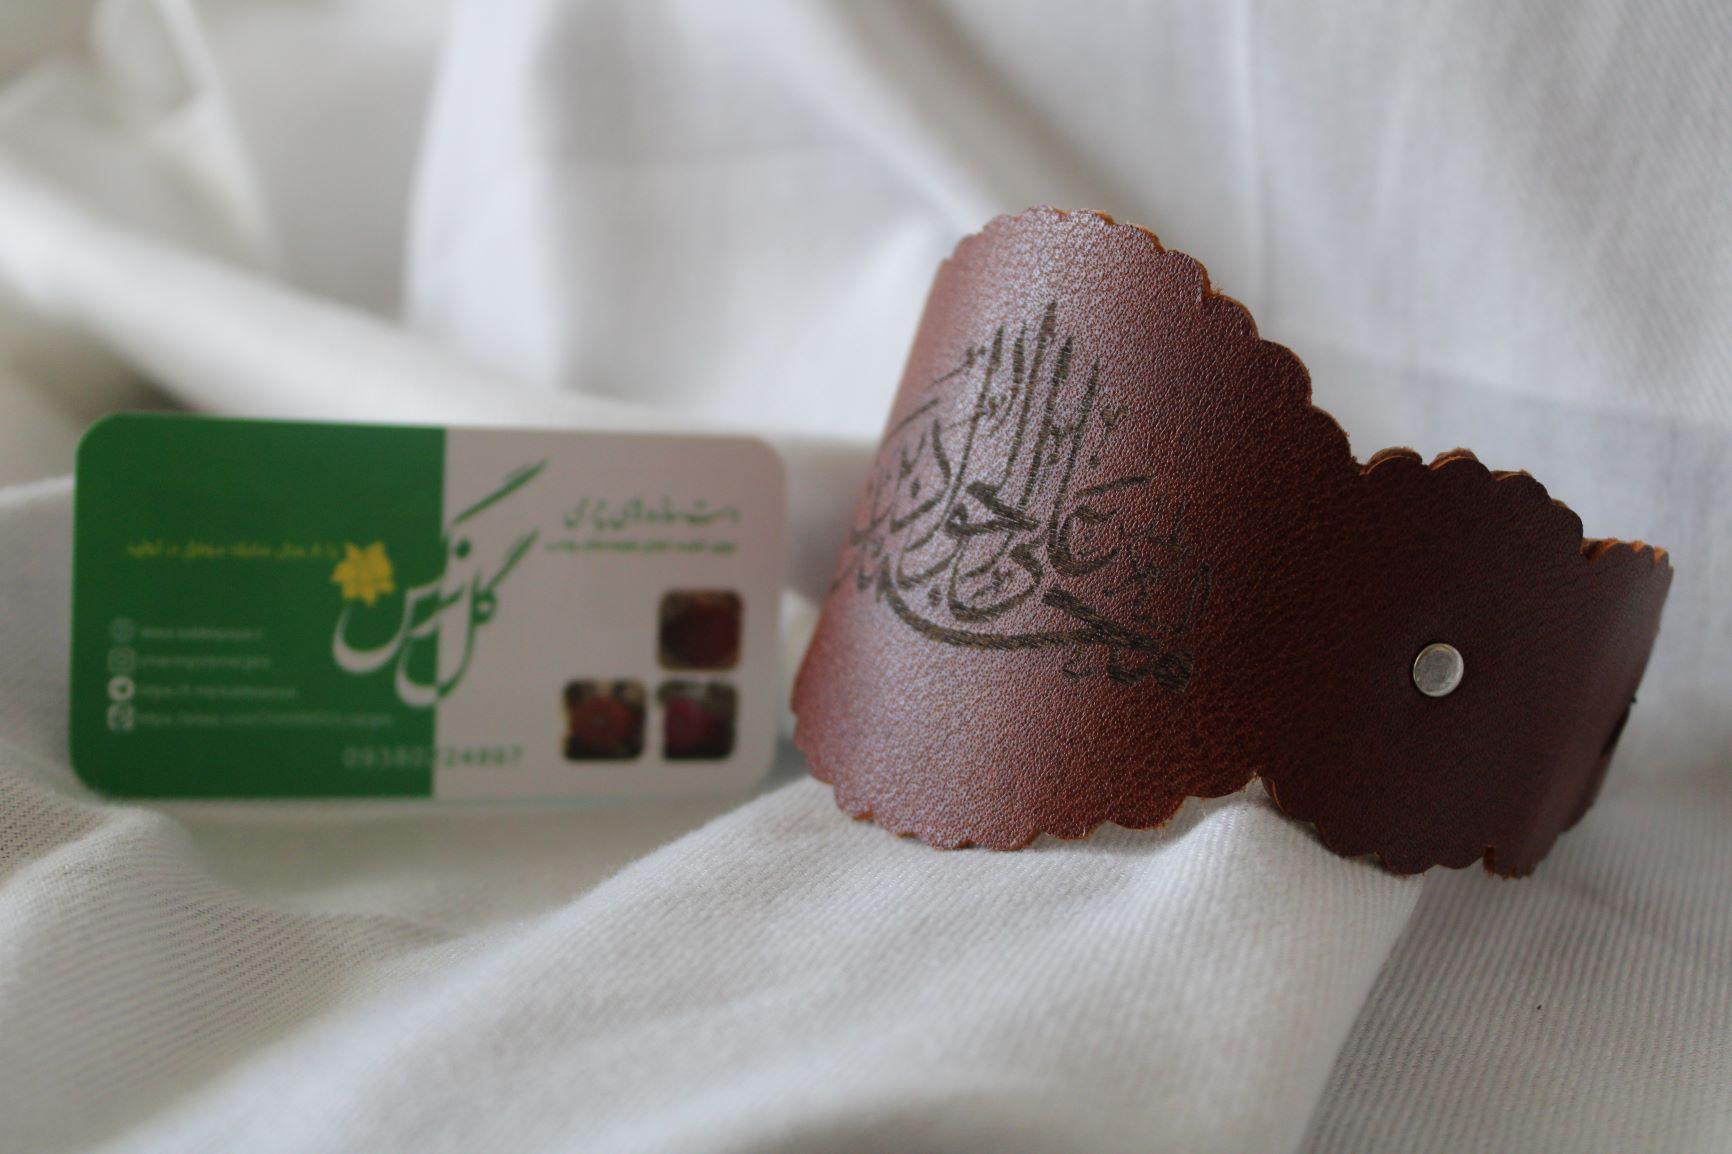 گل نرگس، تولیدکننده محصولات چرمی دست دوز